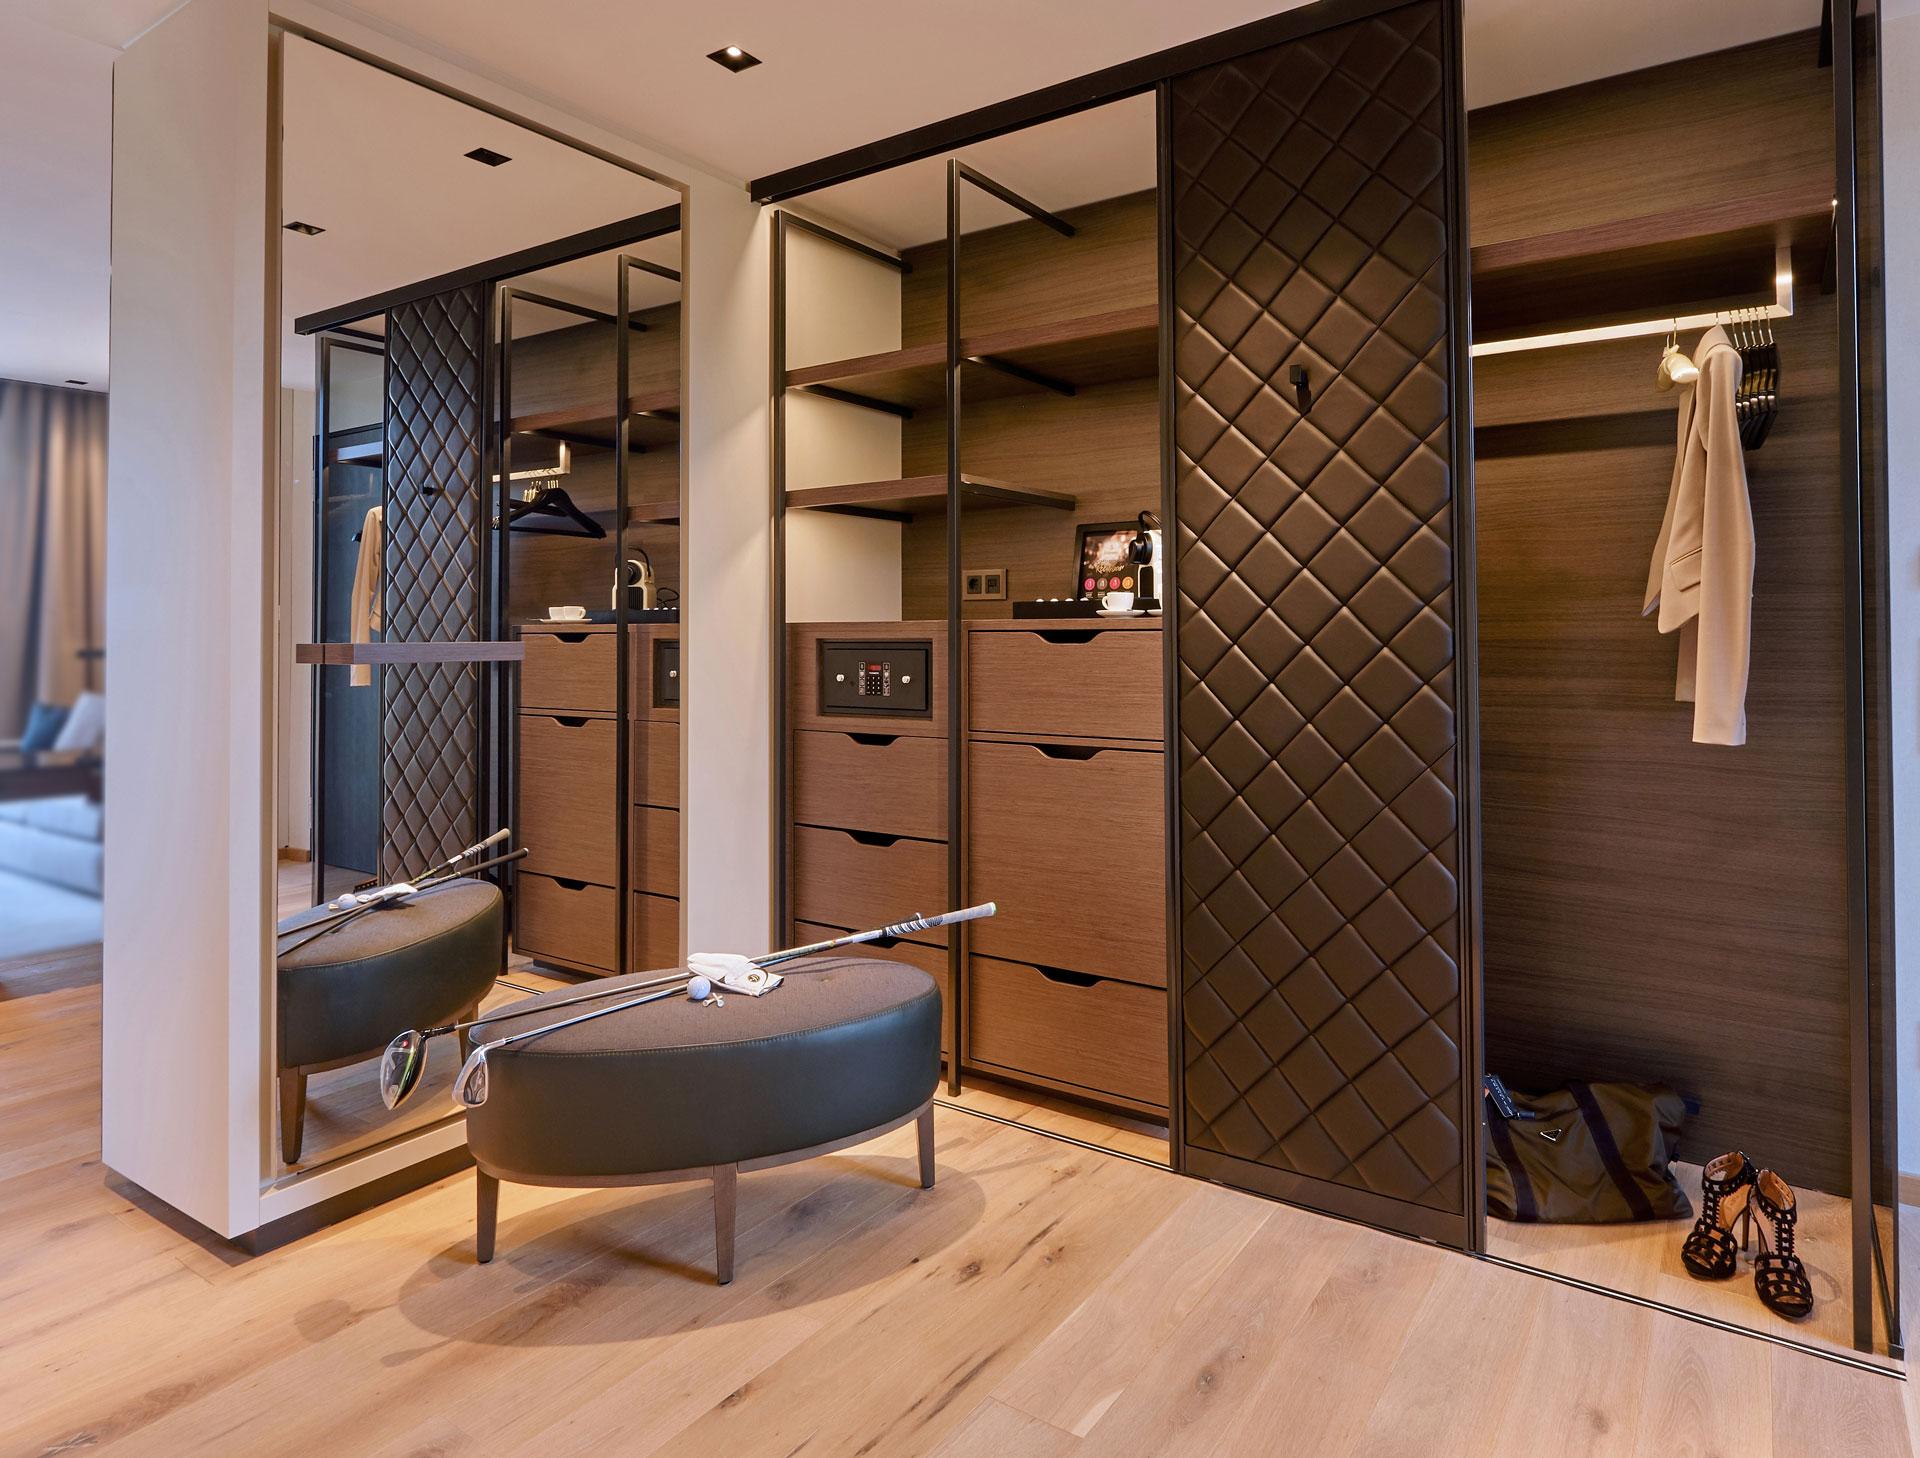 Die Ankleide in einem der Gästezimmer im Hotel Der Öschberghof in Donaueschingen. Entworfen von JOI-Design.